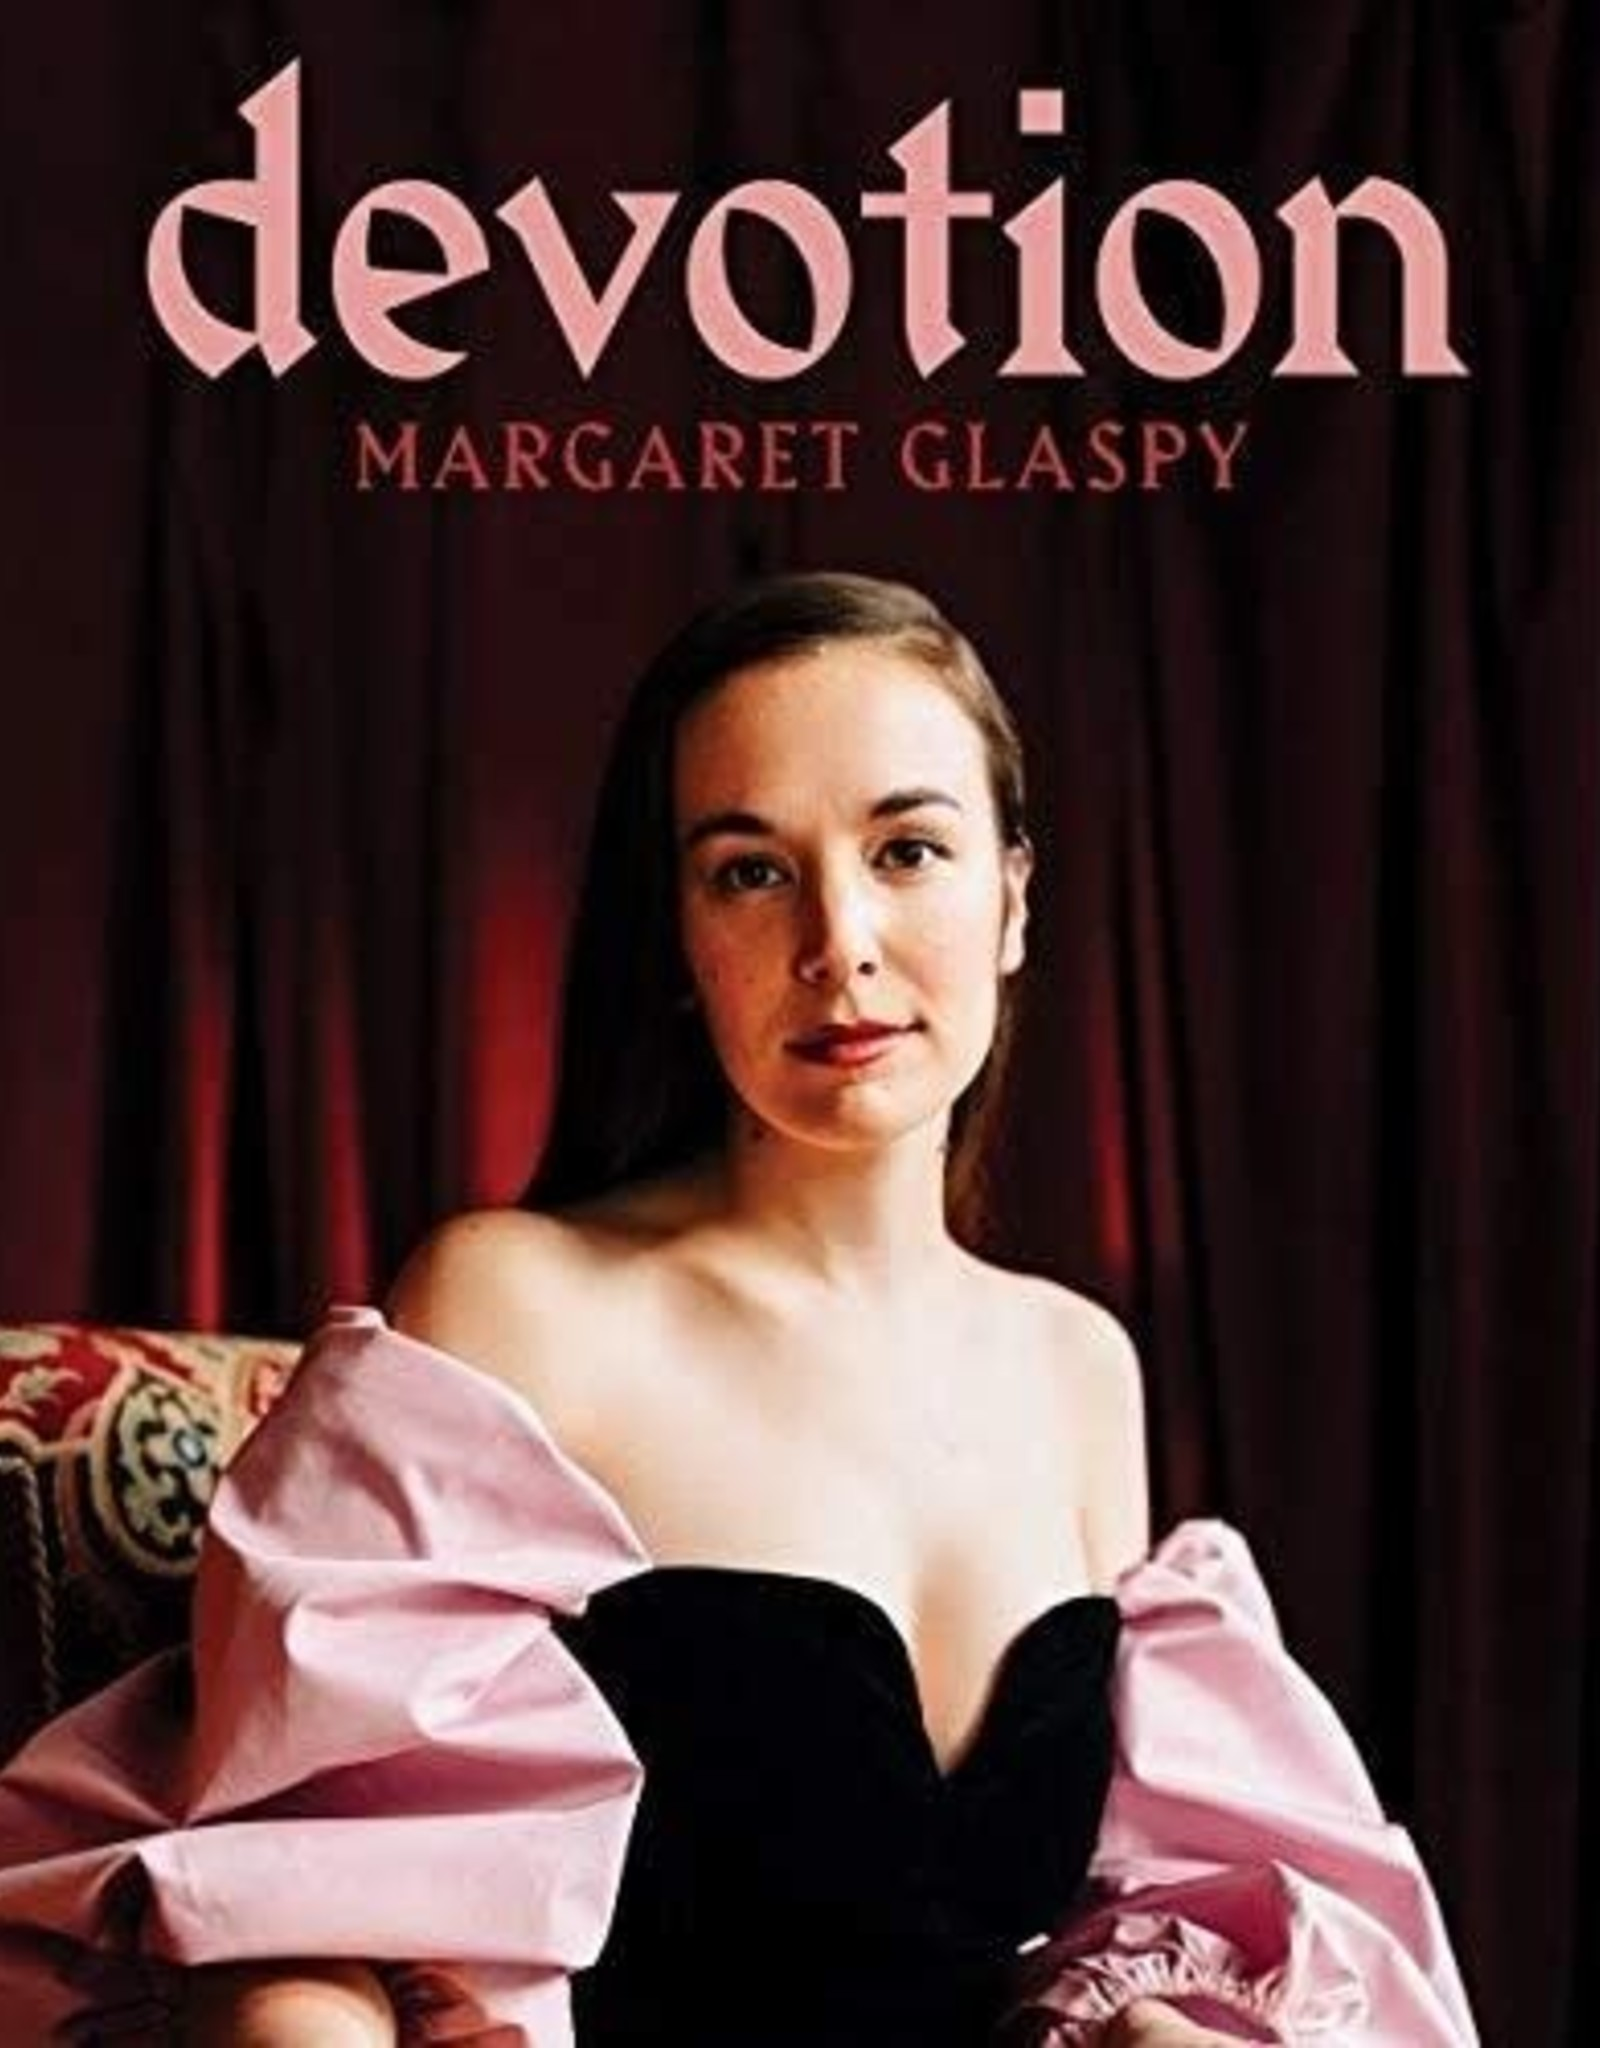 Margeret Glaspy - Devotion